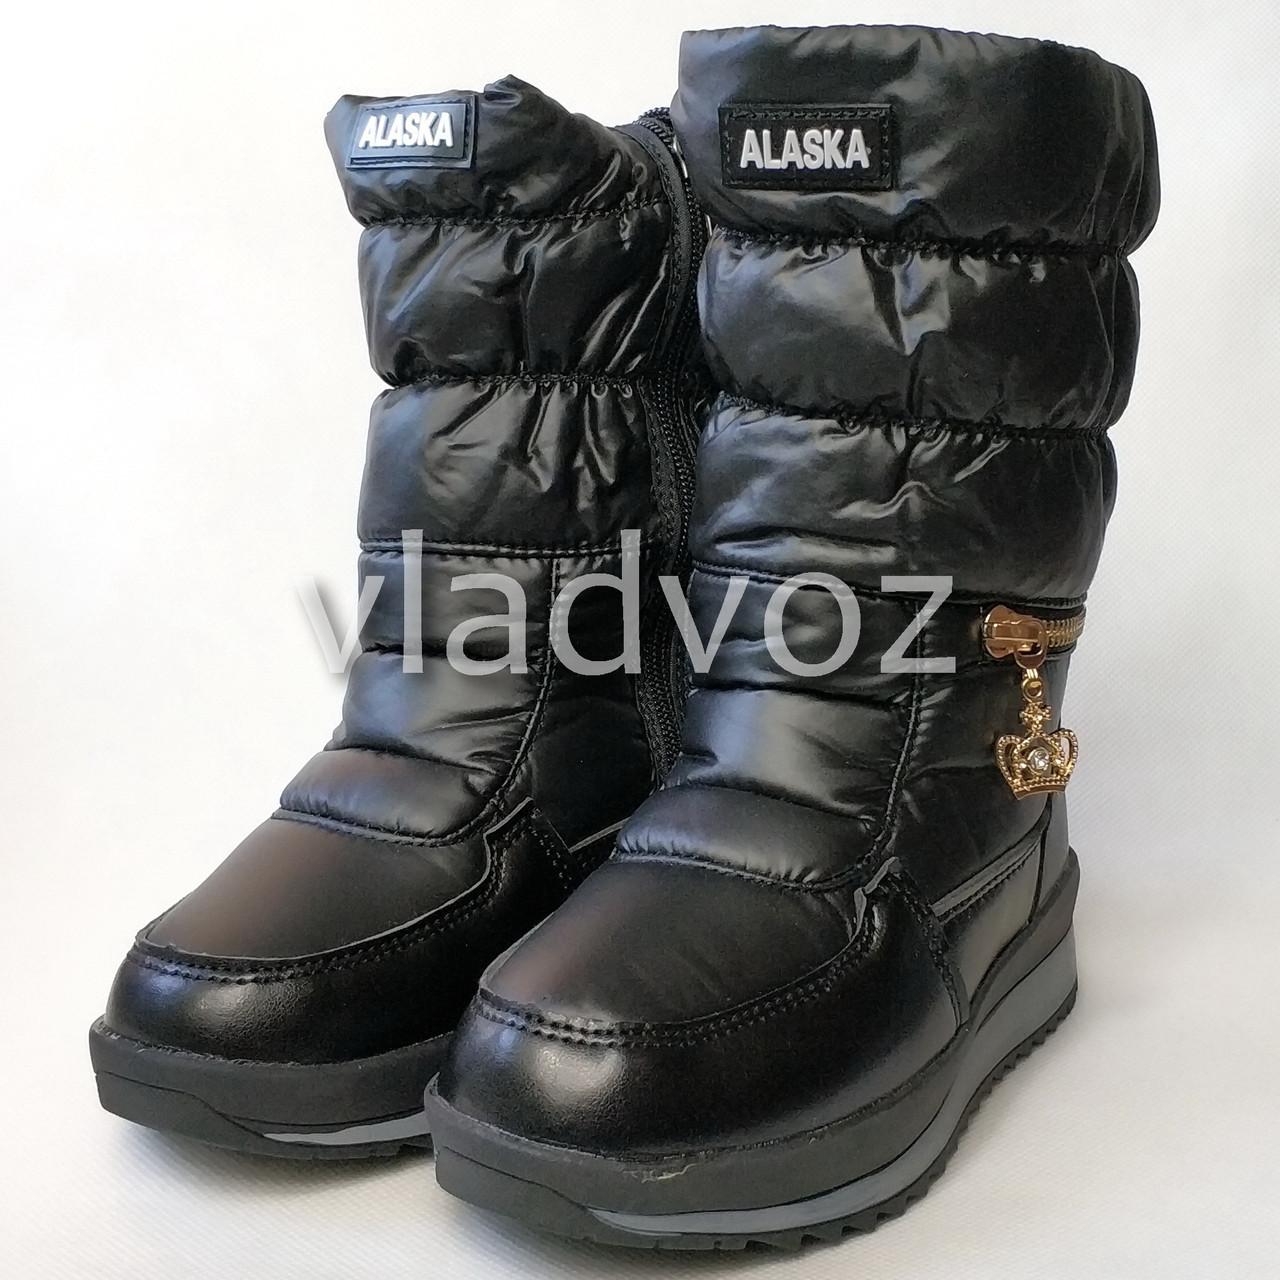 c988834a7 Детские дутики зимние сапоги на зиму для девочки черные Alaska 32р. - ☎  VIBER 0977864700